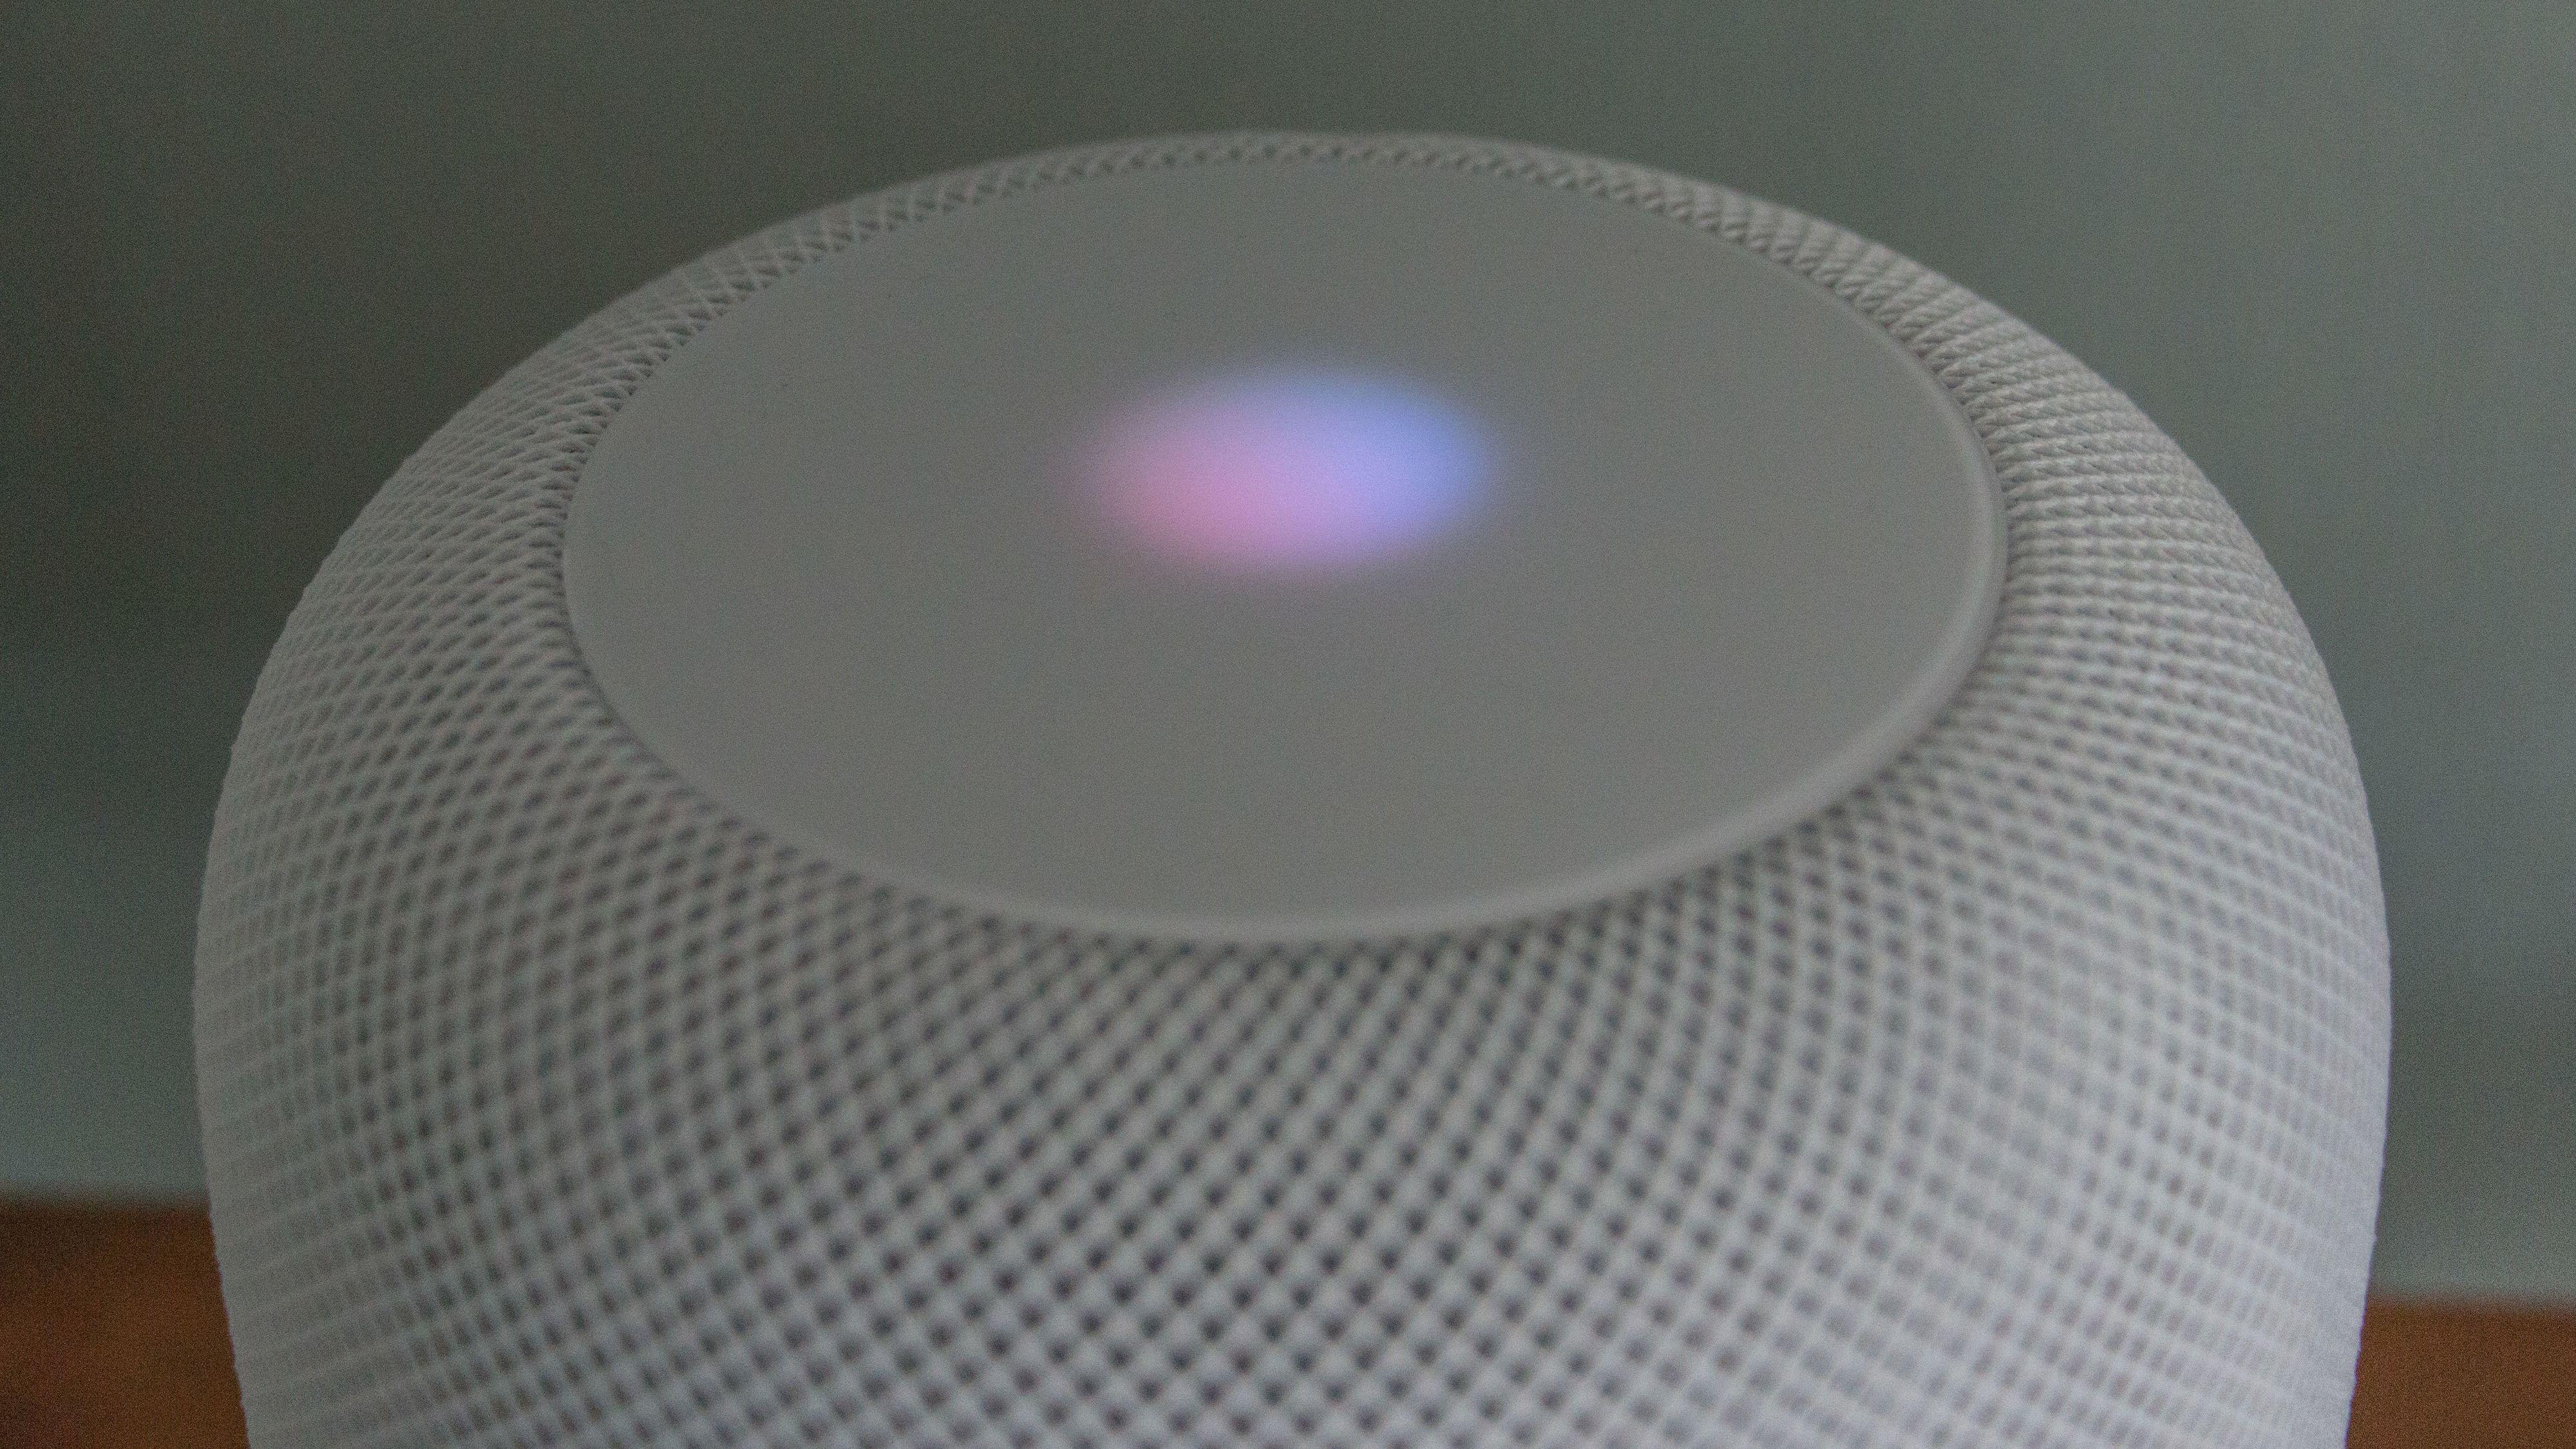 En bortkastet Apple-mulighet